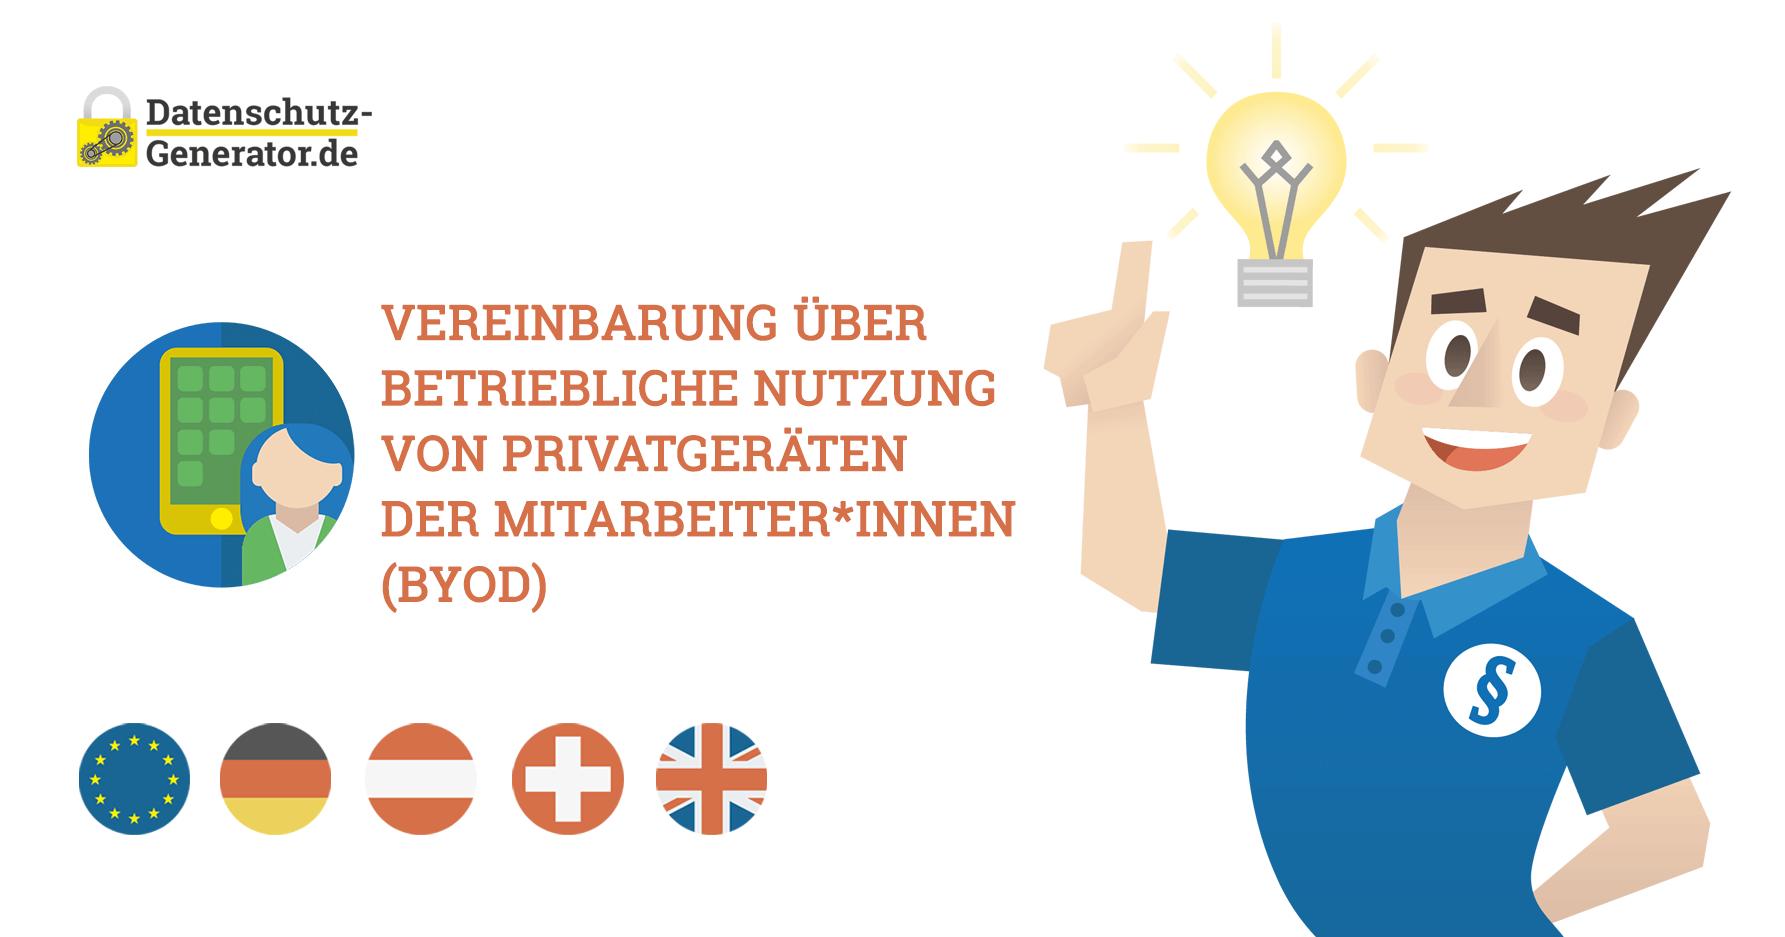 Neuer Generator: Vereinbarung über betriebliche Nutzung von Privatgeräten der Mitarbeiter*innen (BYOD)